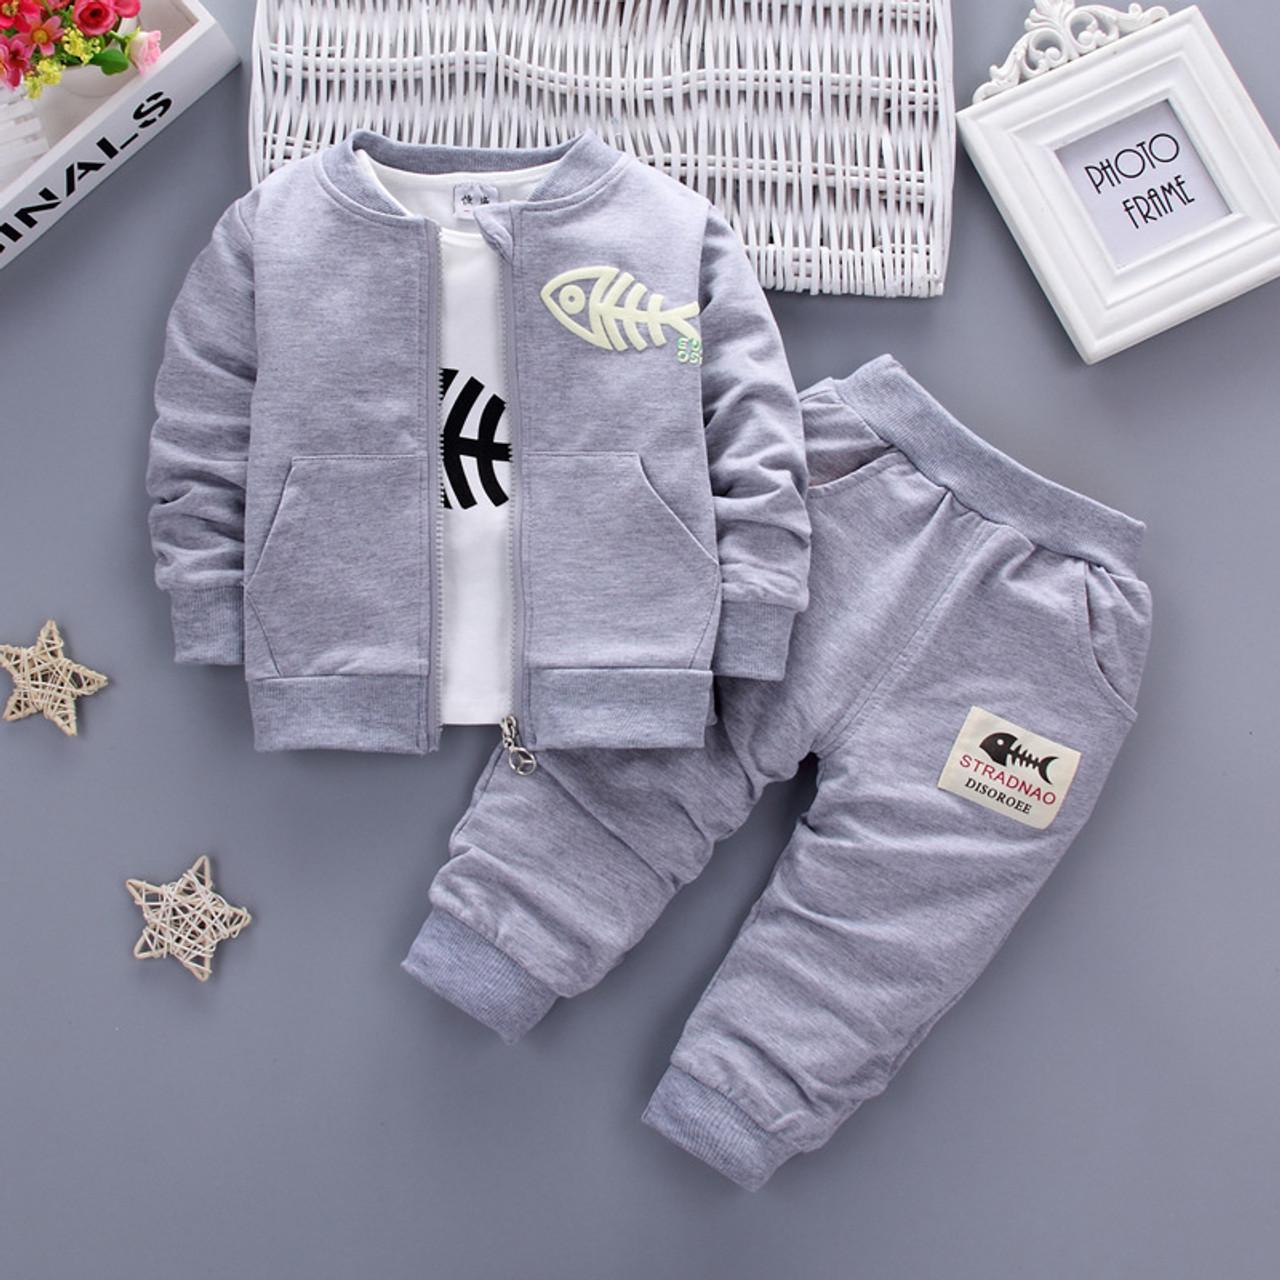 071ea41e4 2017 New Autumn Baby Girls Boys Minion Suits Infant/Newborn Clothes Sets  Kids Coat+ ...